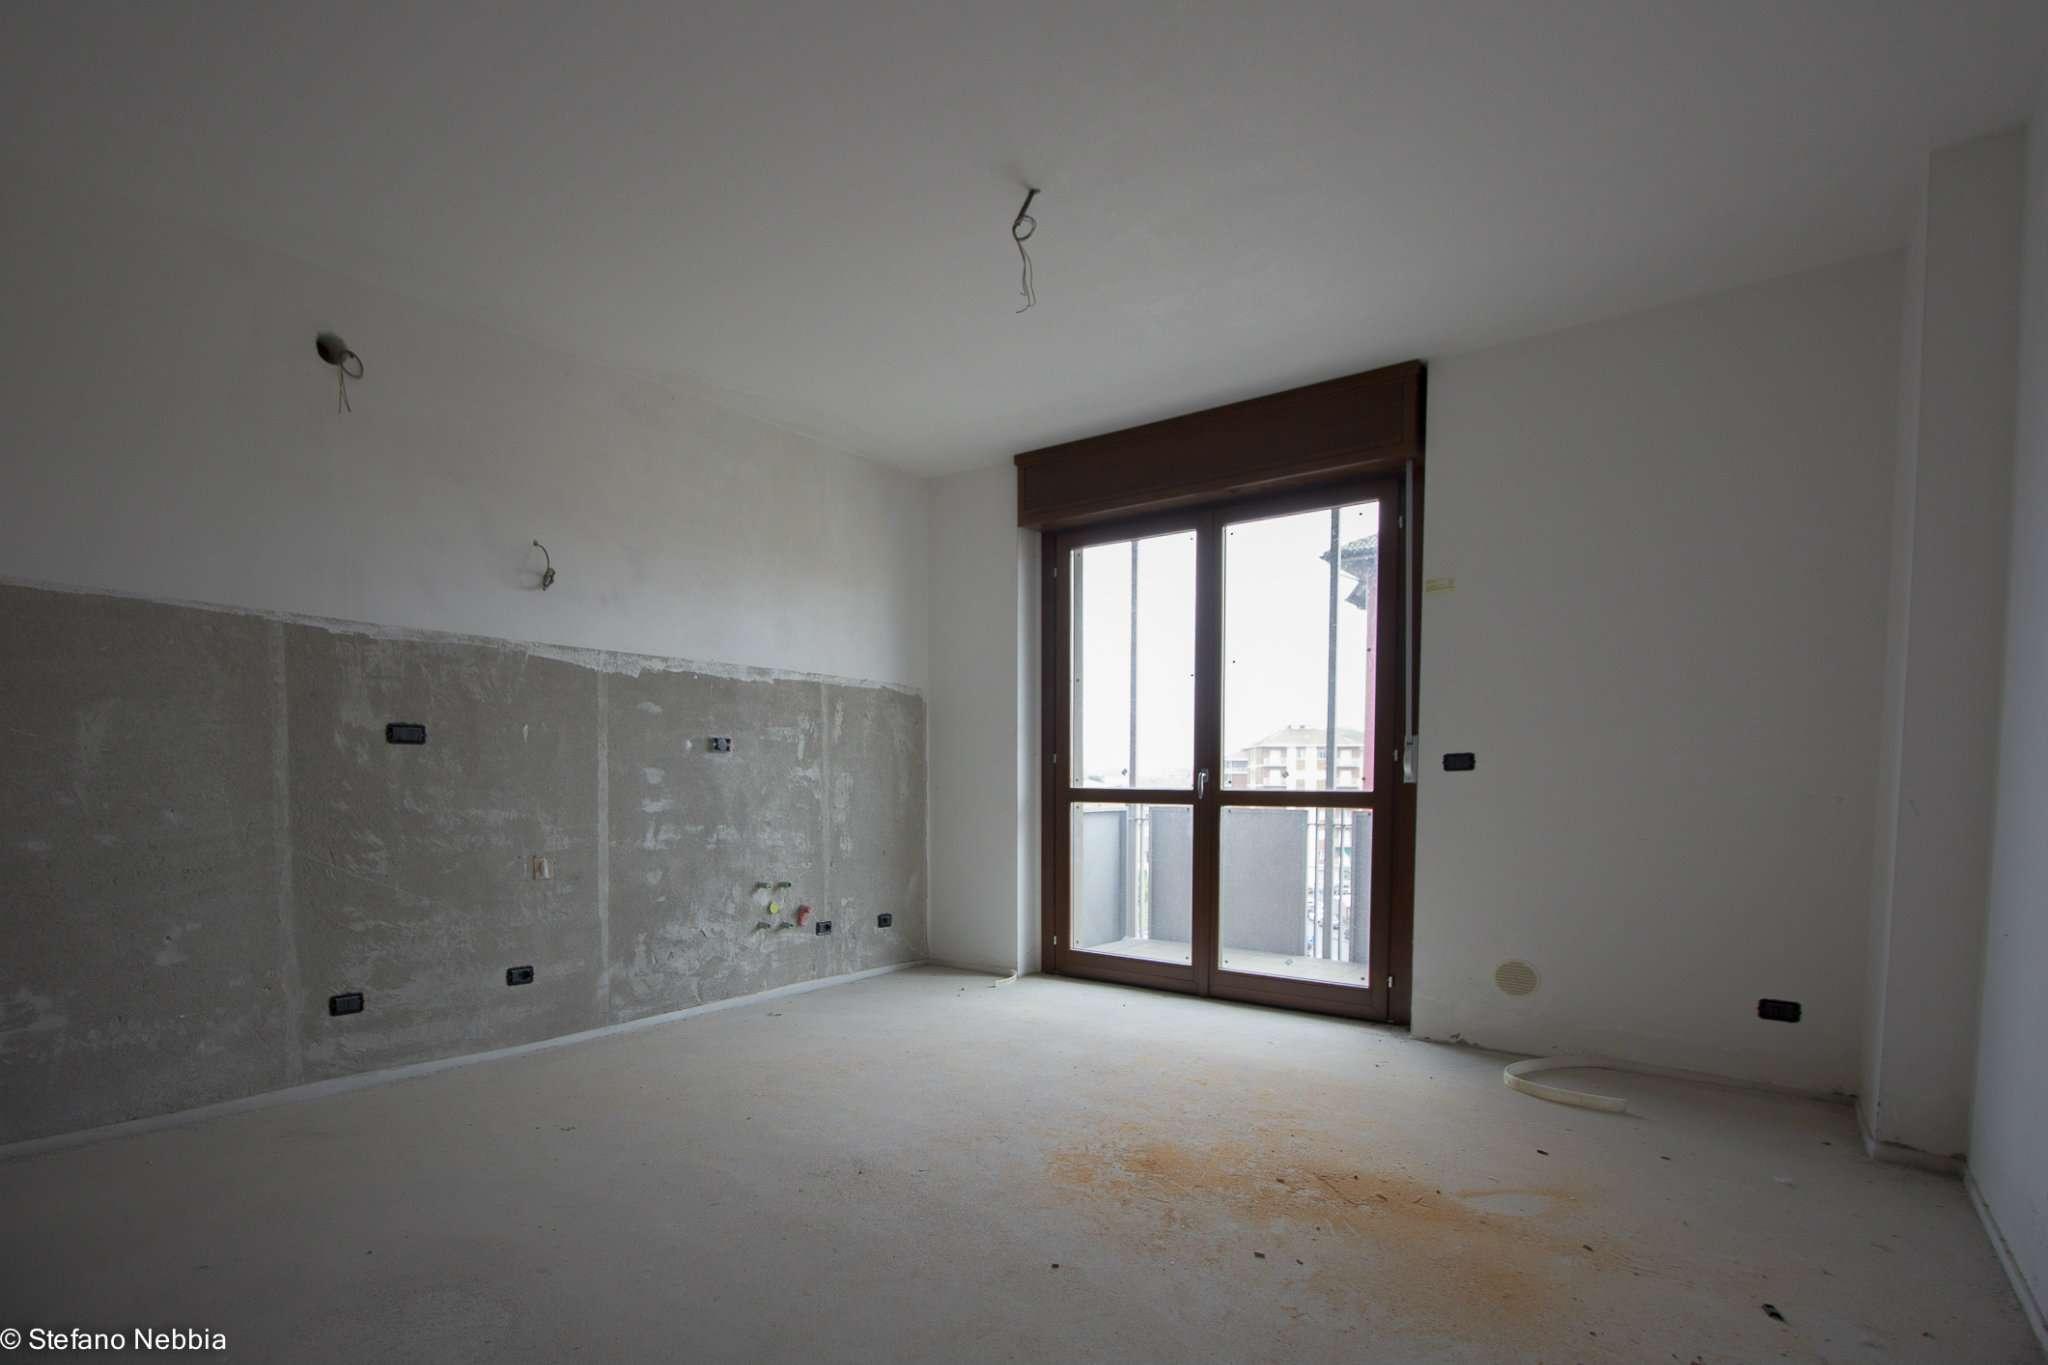 Appartamento in vendita a Collegno, 2 locali, prezzo € 160.000 | CambioCasa.it